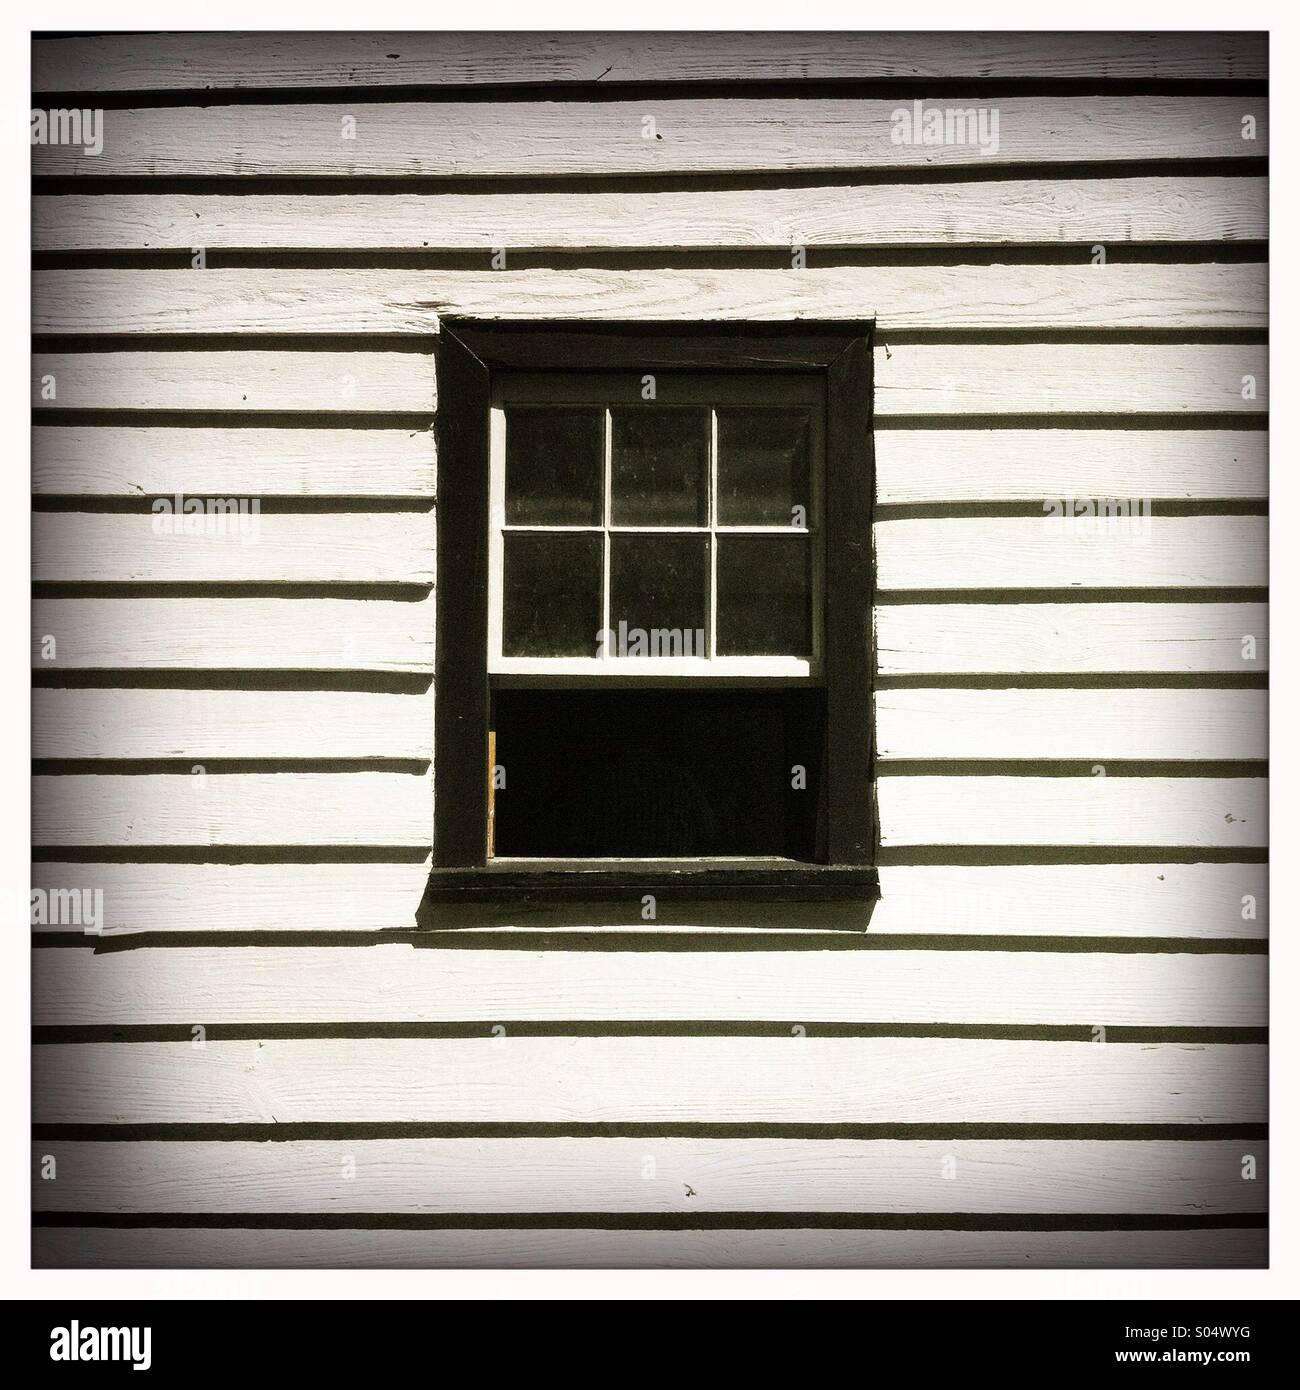 Ein schwarz gerahmten Haus Fenster auf eine weiße Holzwand Stockbild